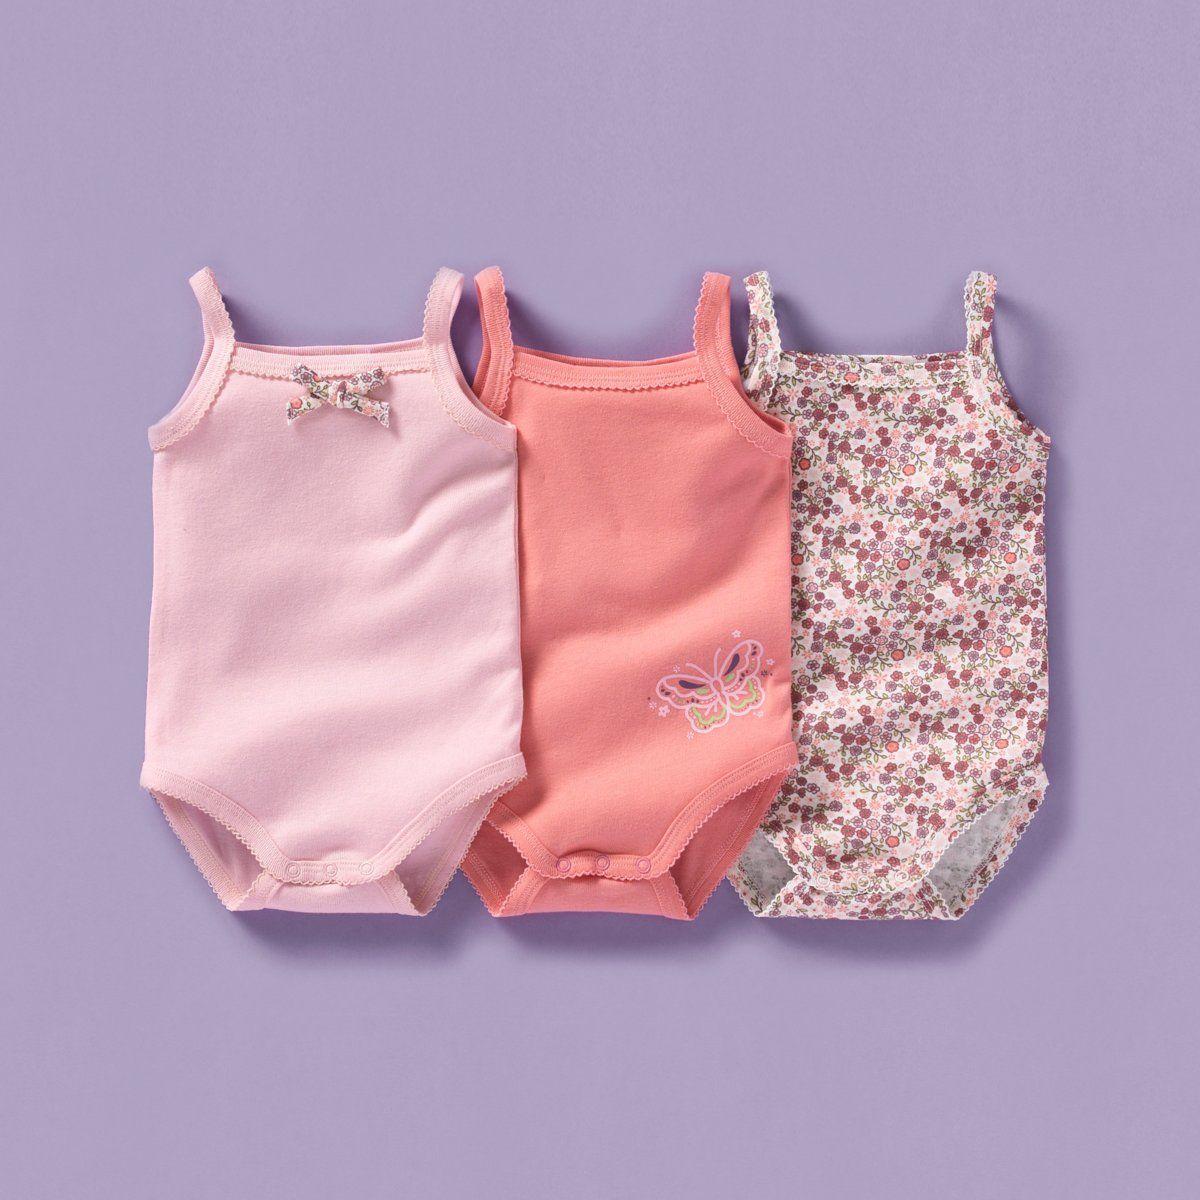 Body à bretelles bébé fille (lot de 3), Cocoon